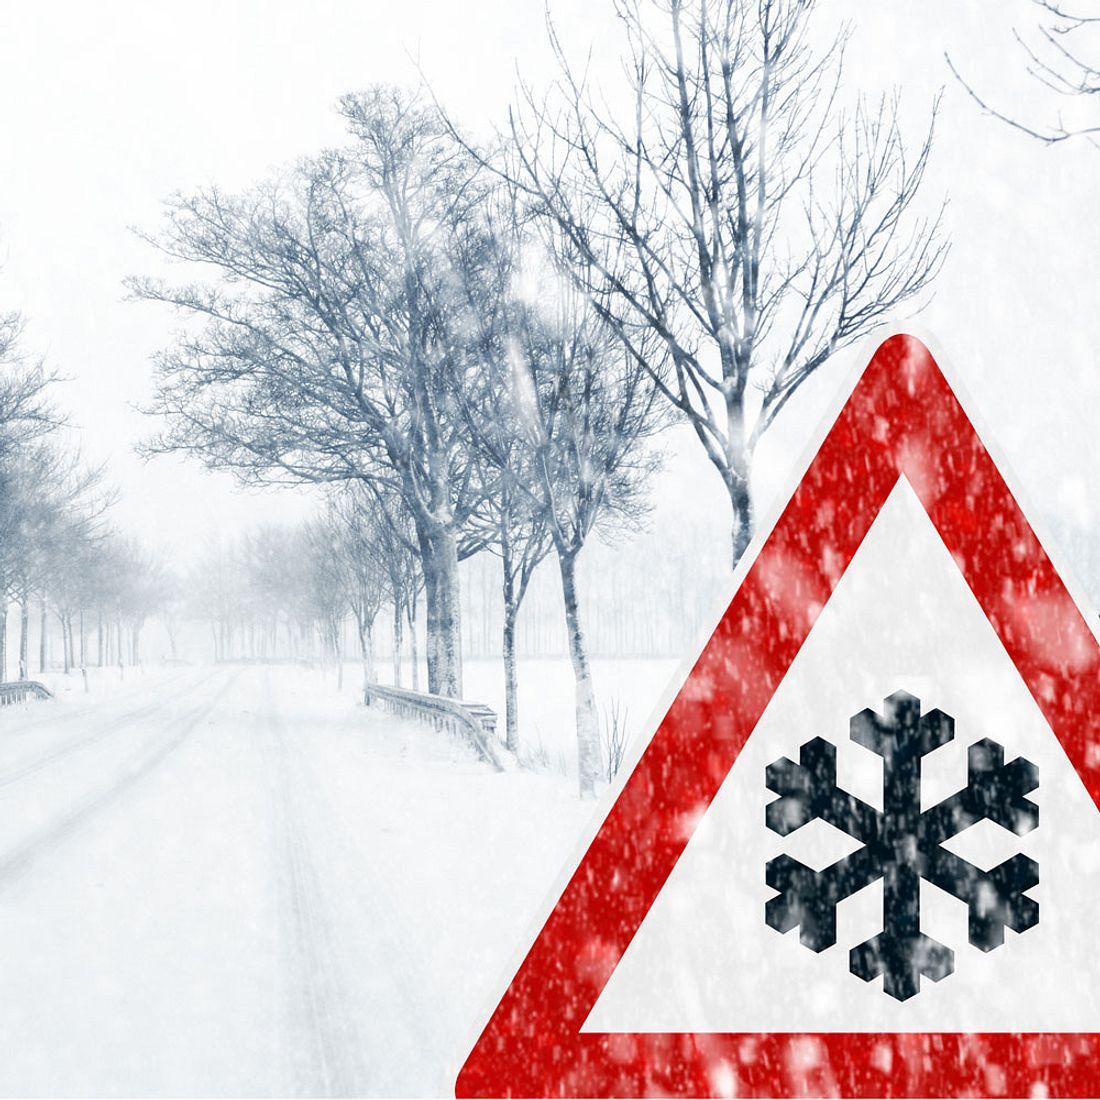 Alarmstufe Rot: Wetterdienste warnen vor gefährlichen Wetter-Wechsel!